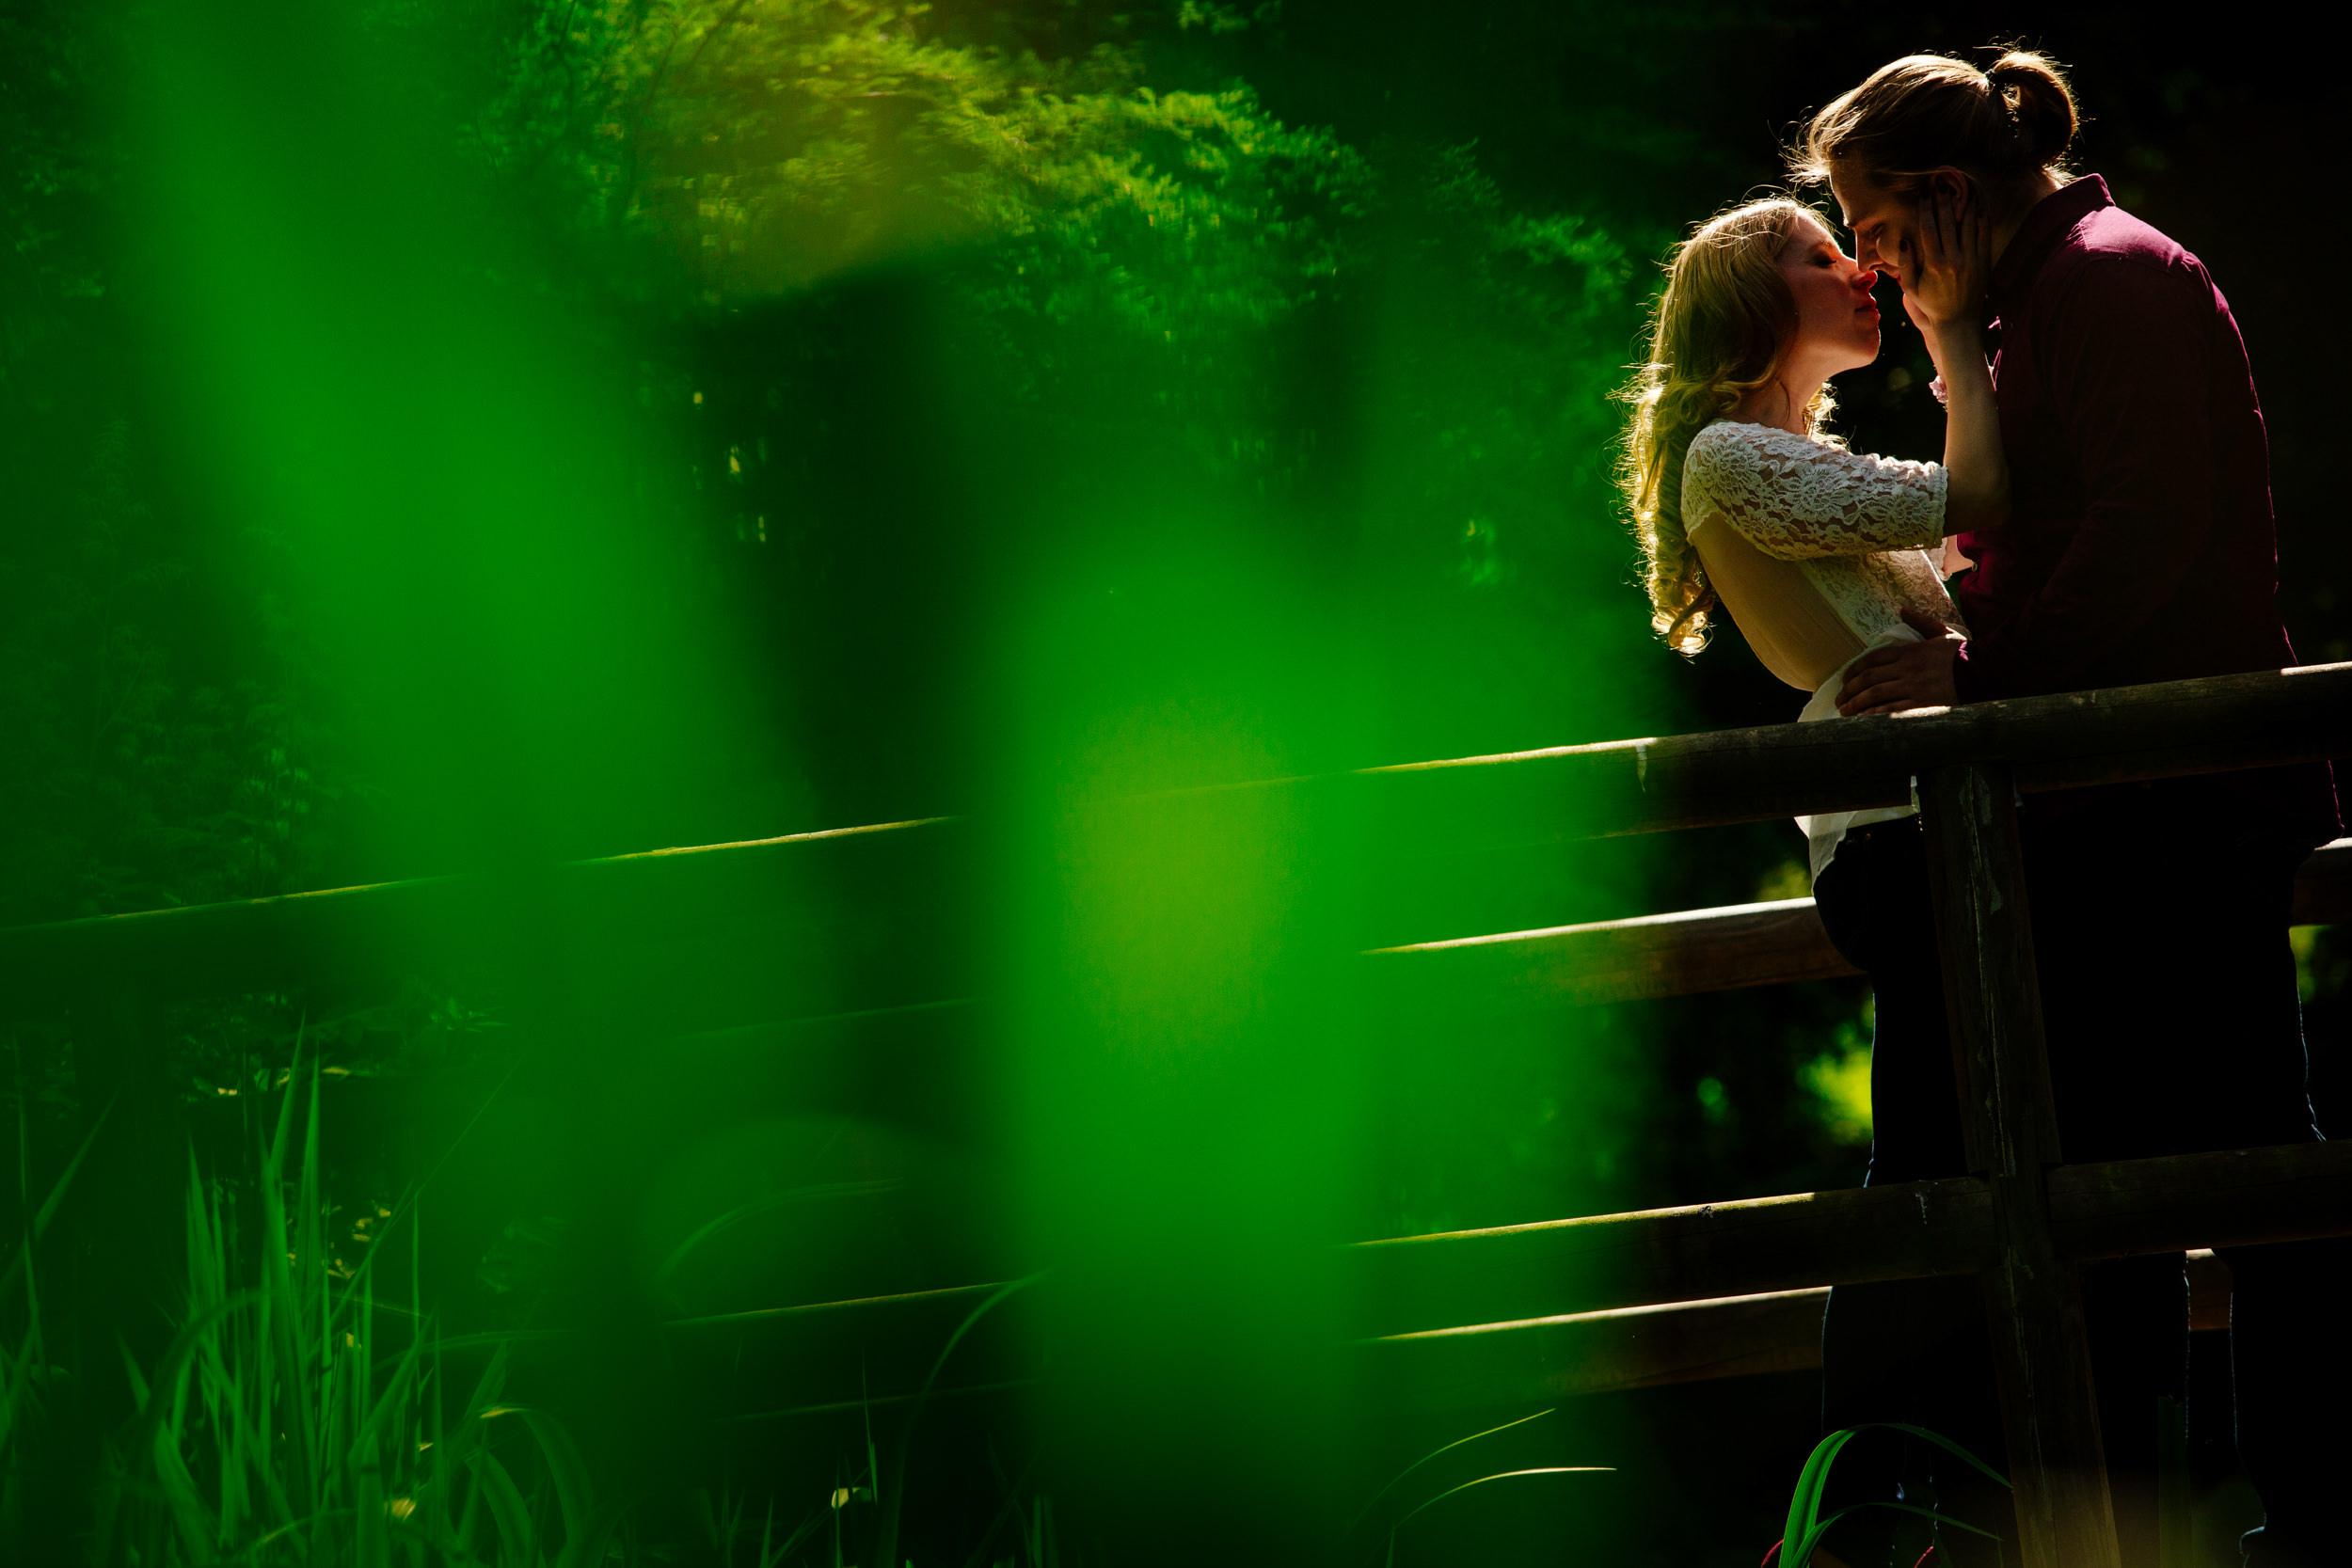 Paarshooting im Grünen im maritimen Kiel auf einer Brücke